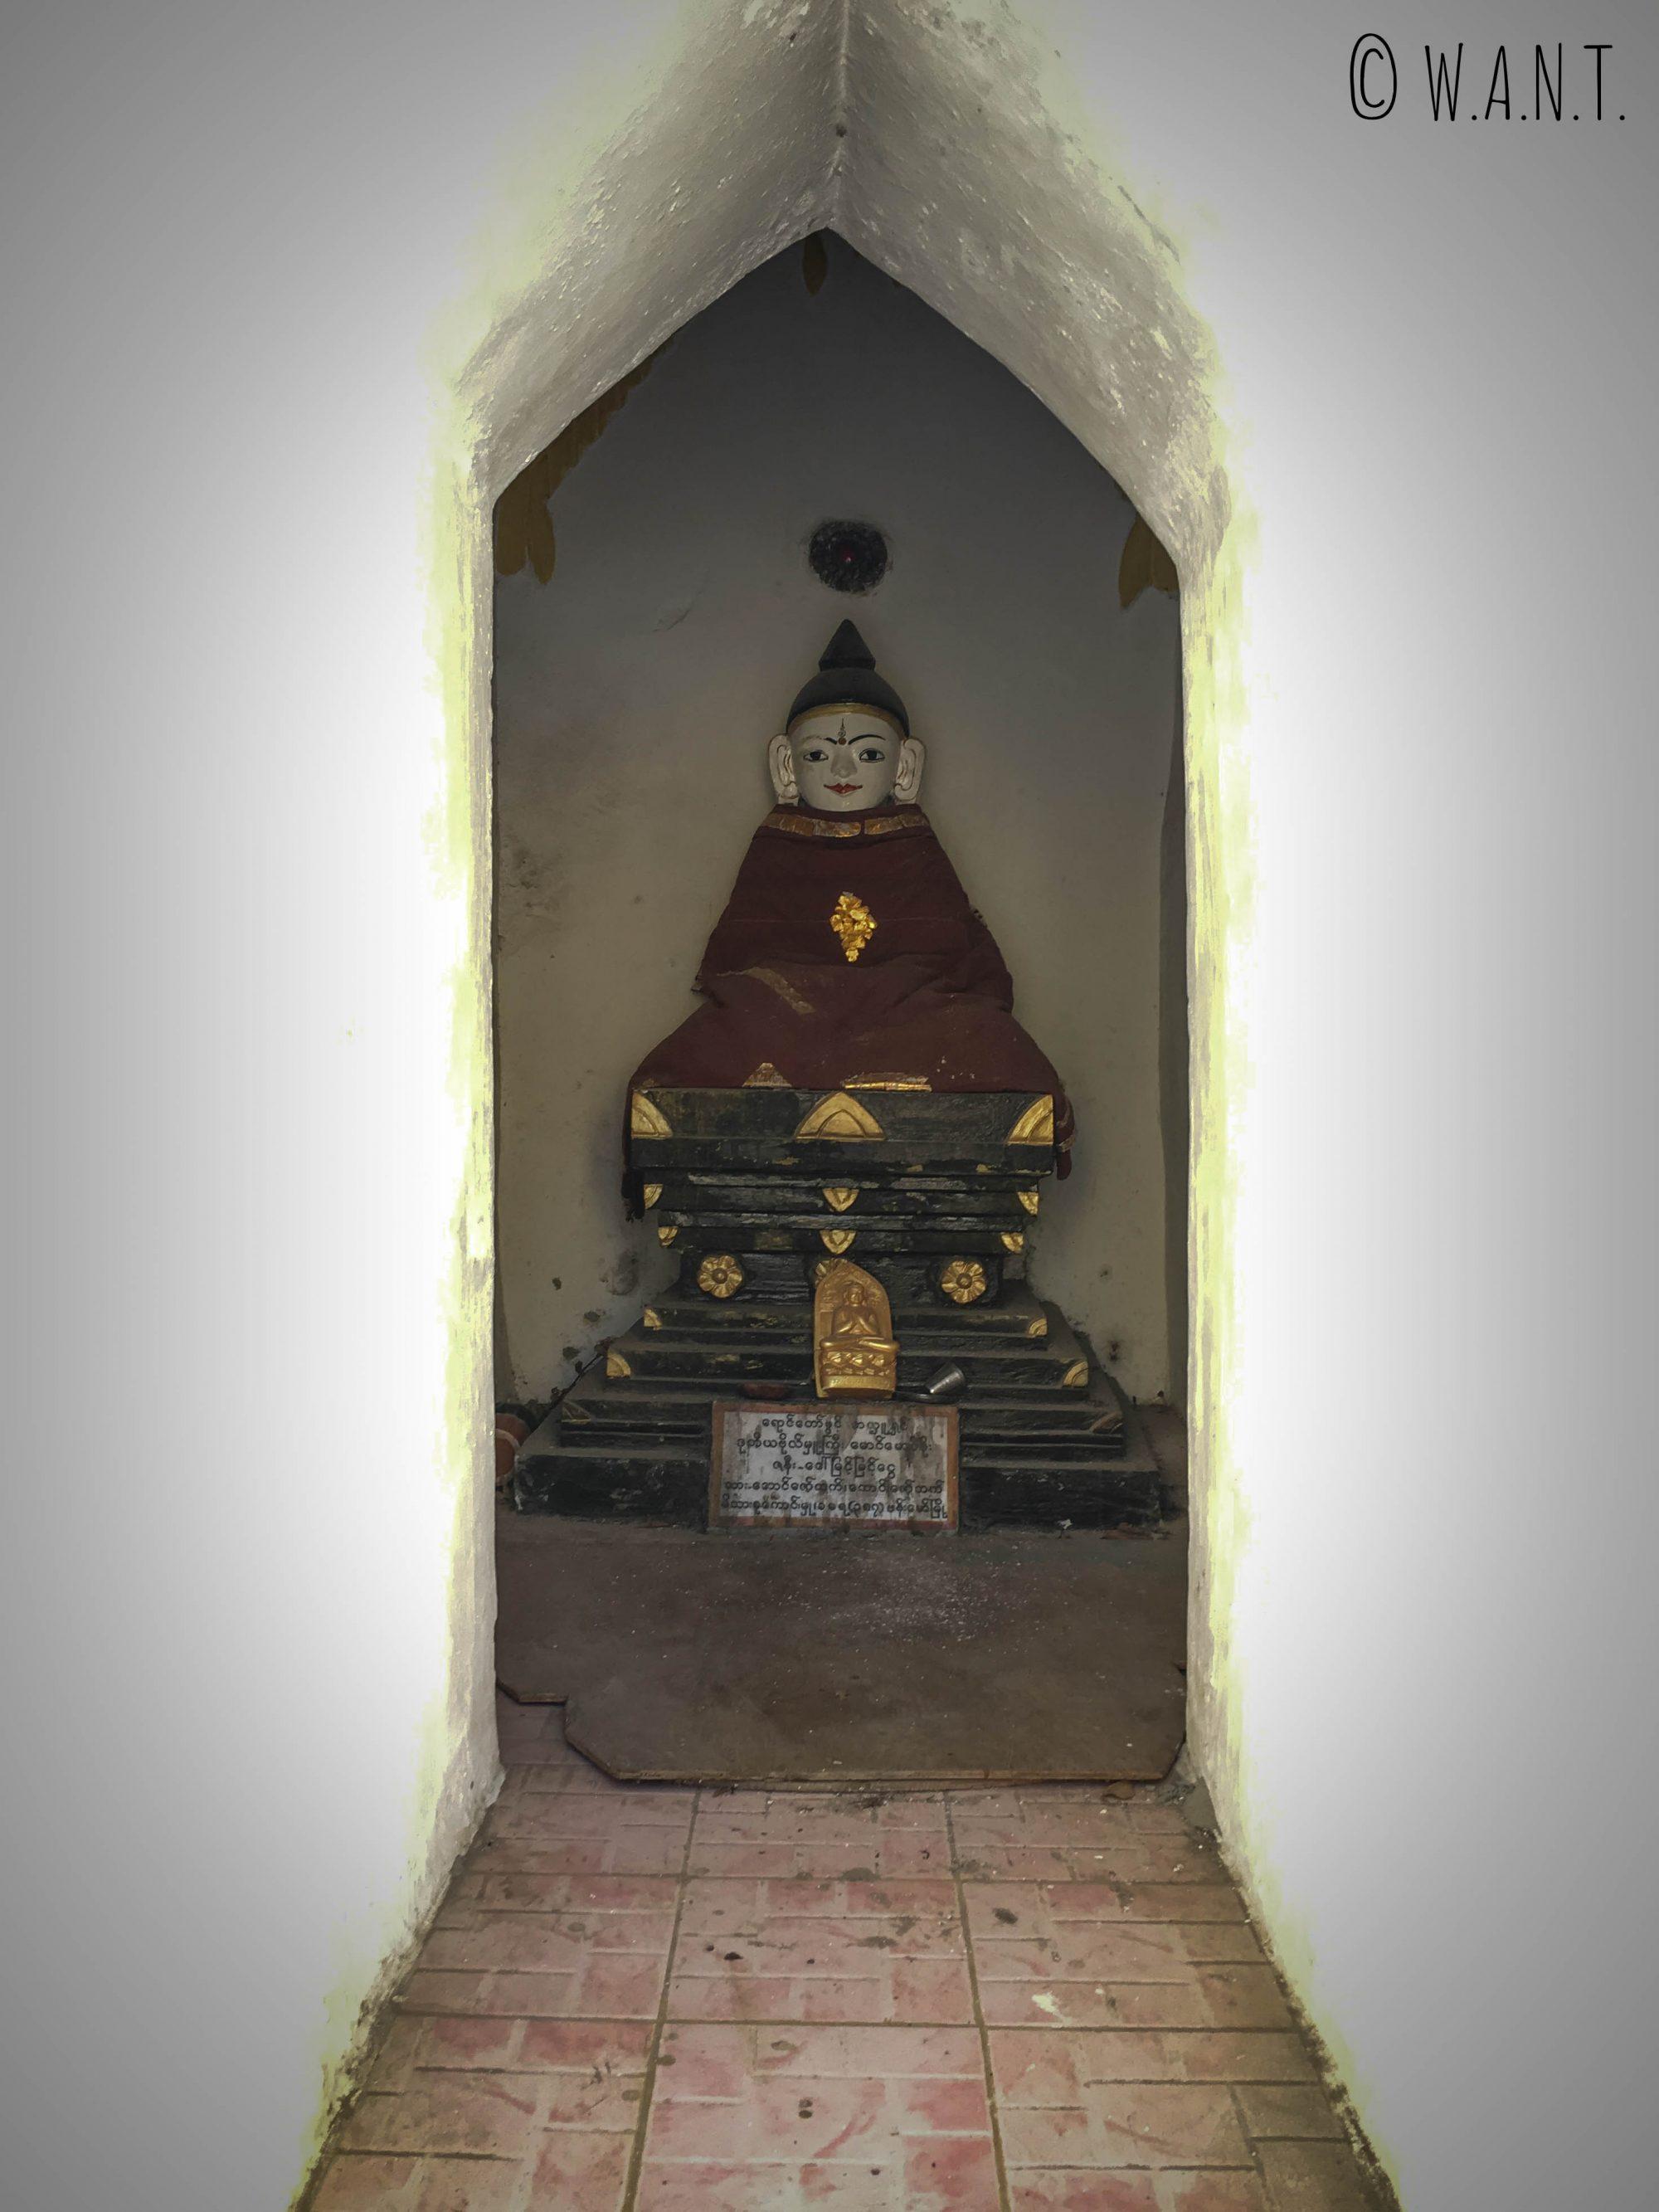 Représentation de Bouddha au sein de la Pagode Shwe oo min